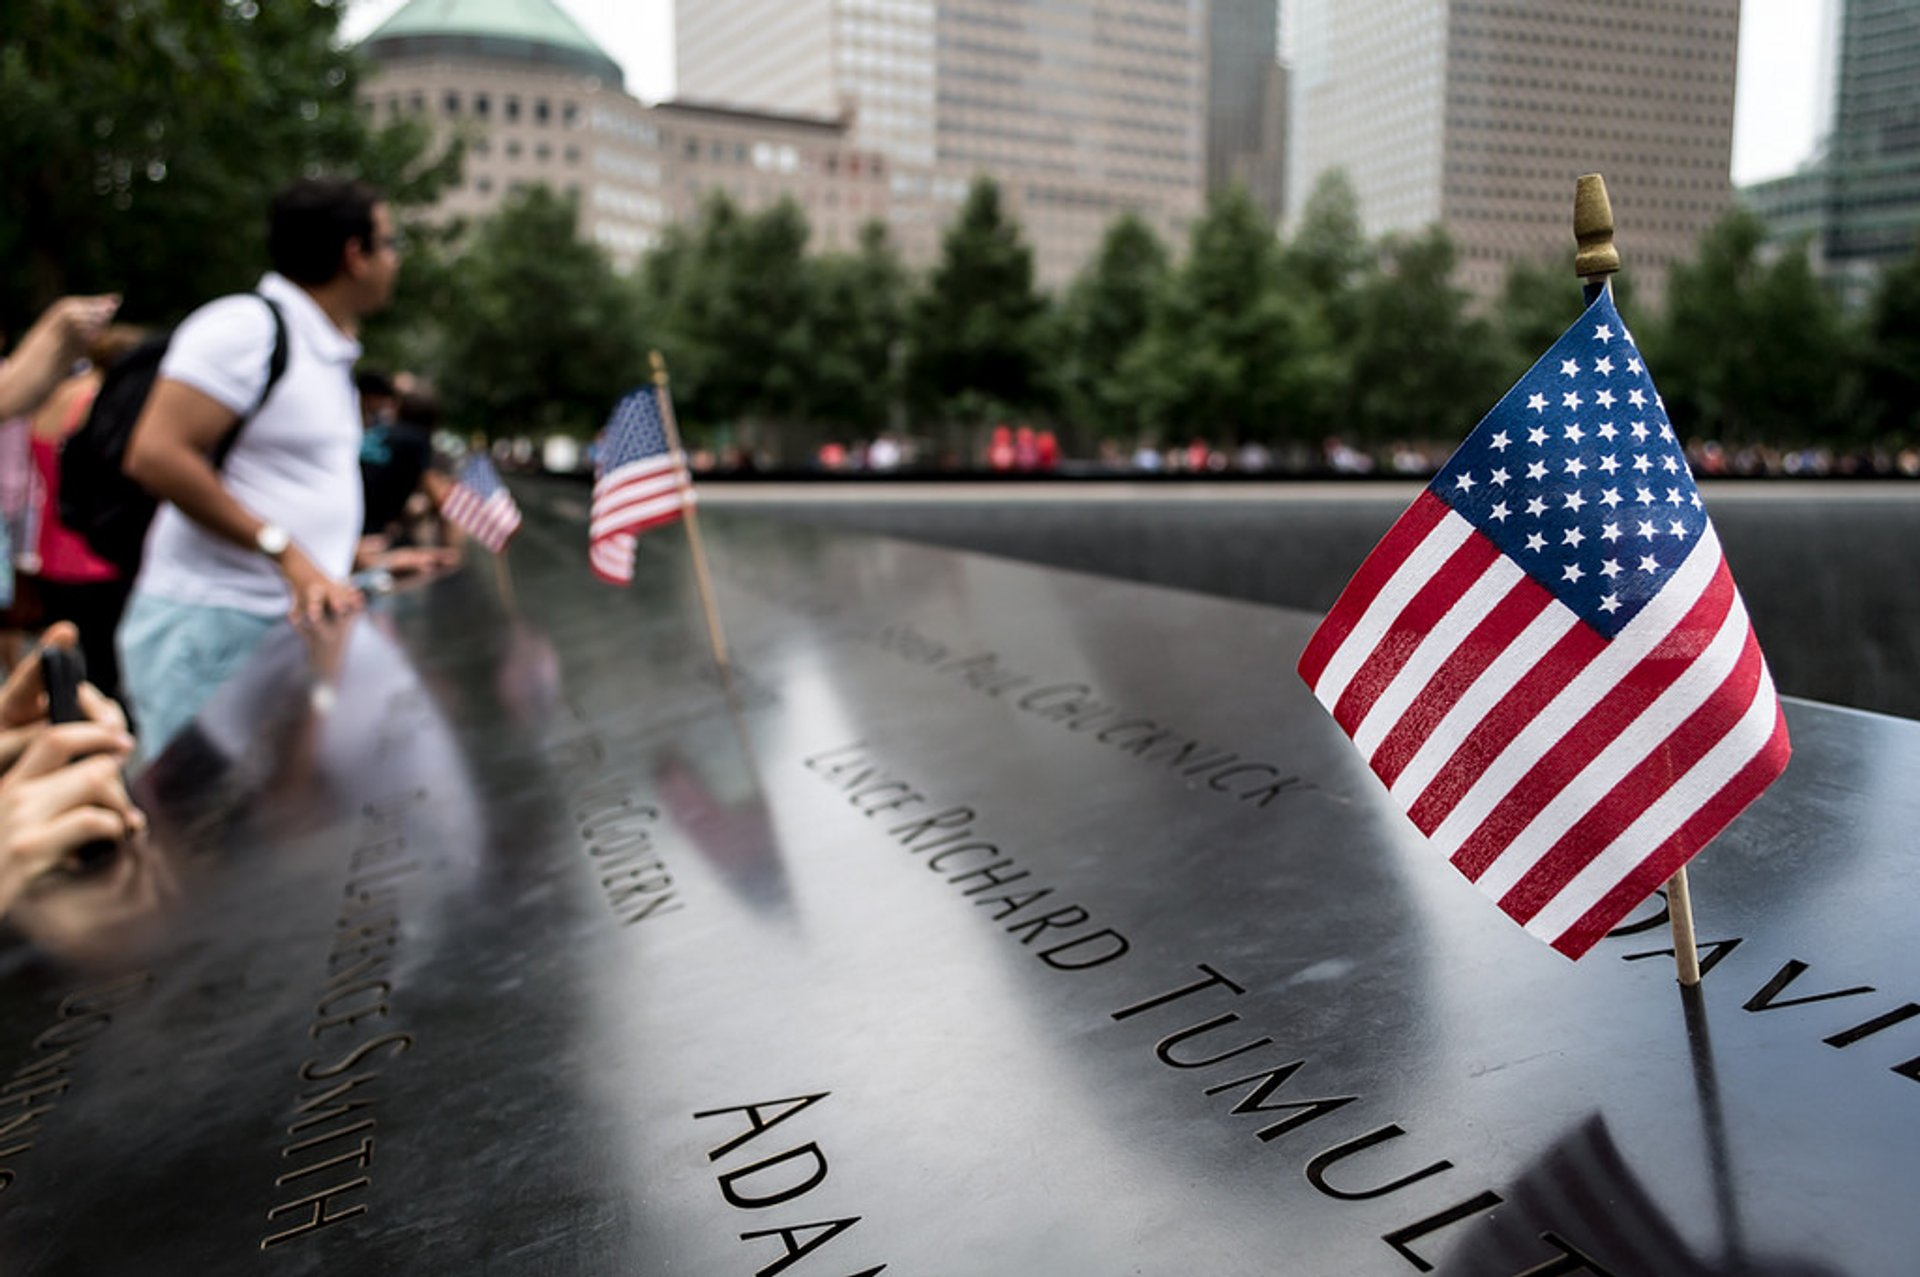 9/11 Memorial & Museum in New York 2019 - Best Time